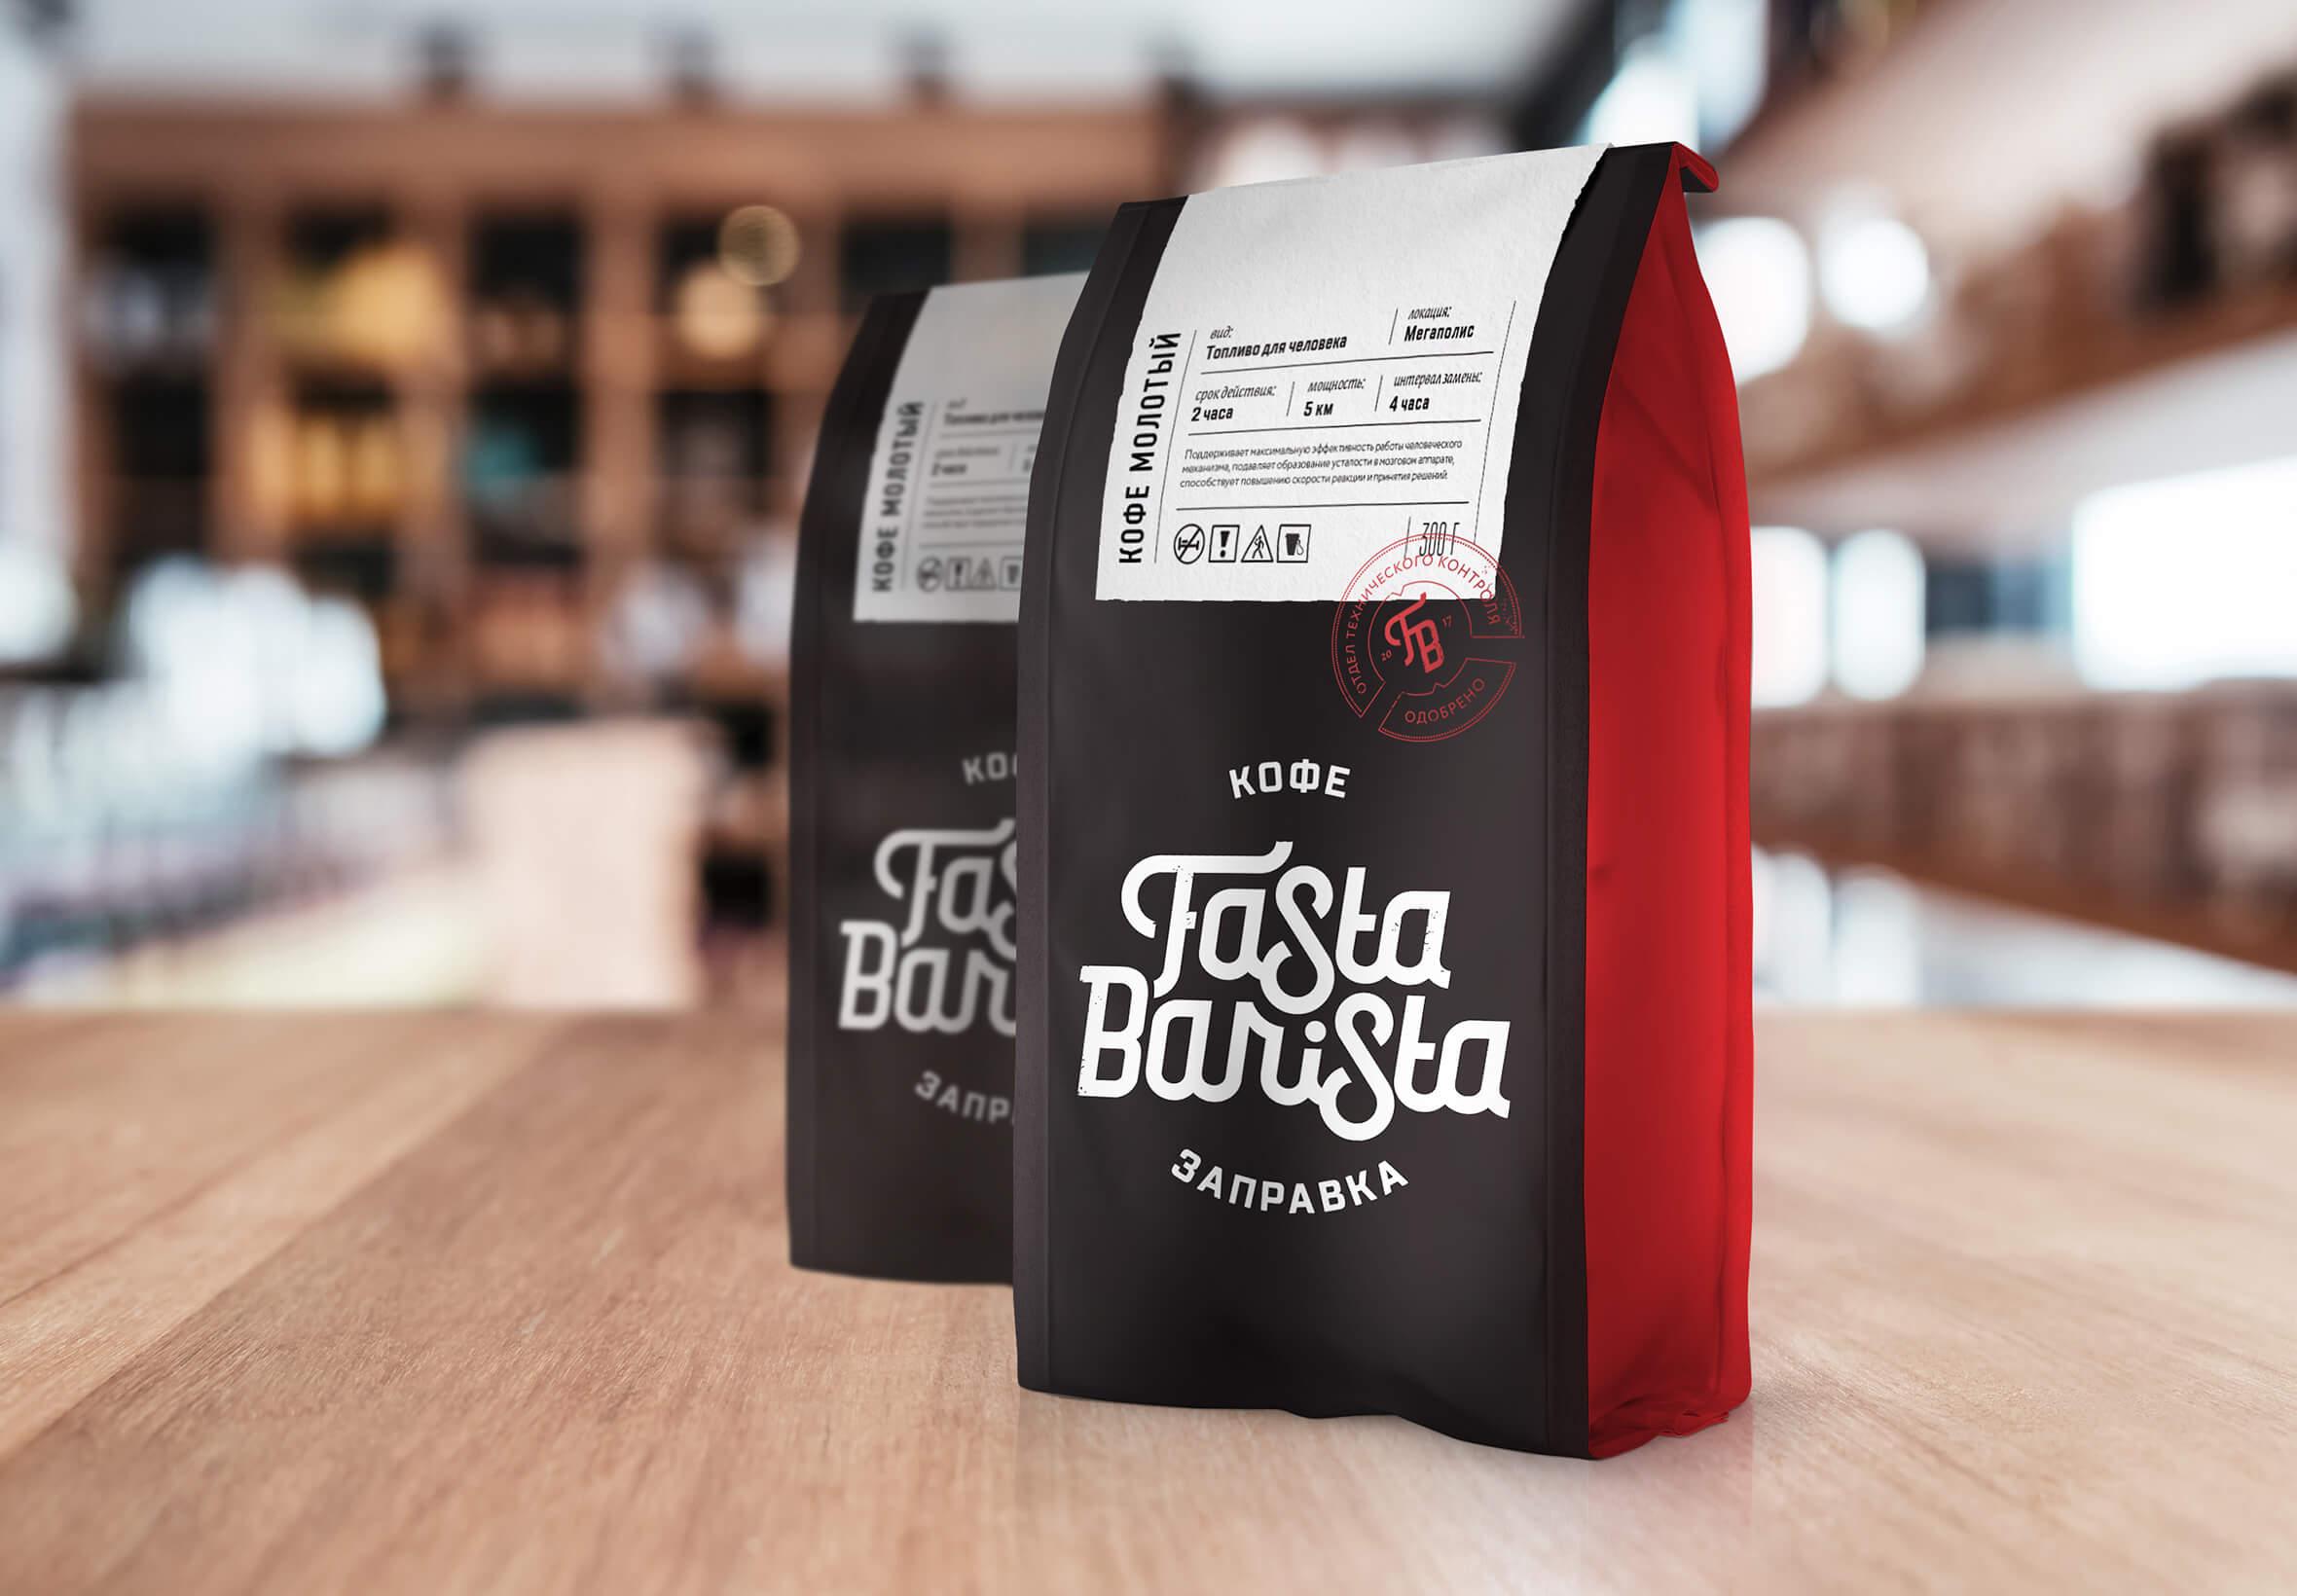 Разработка фирменного стиля и дизайн упаковки сети кофеен. Разработка брендбука, нейминг.